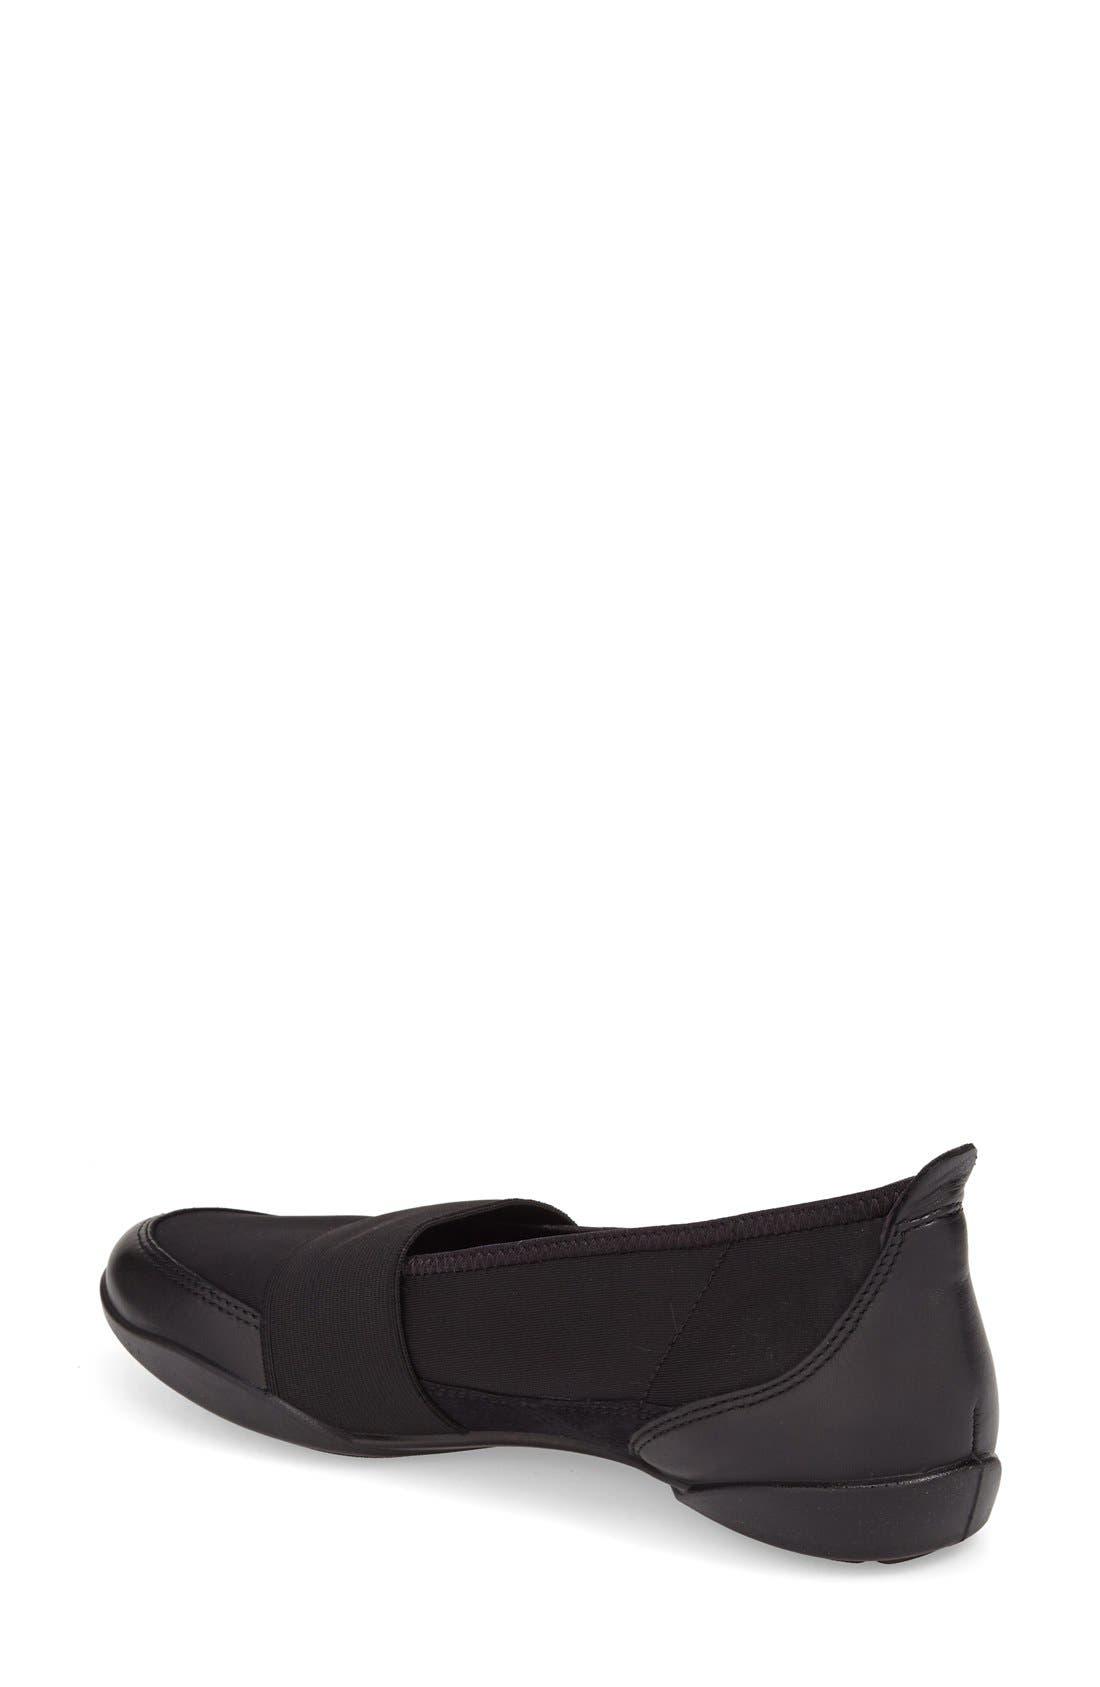 'Bluma' Slip-On Sneaker,                             Alternate thumbnail 21, color,